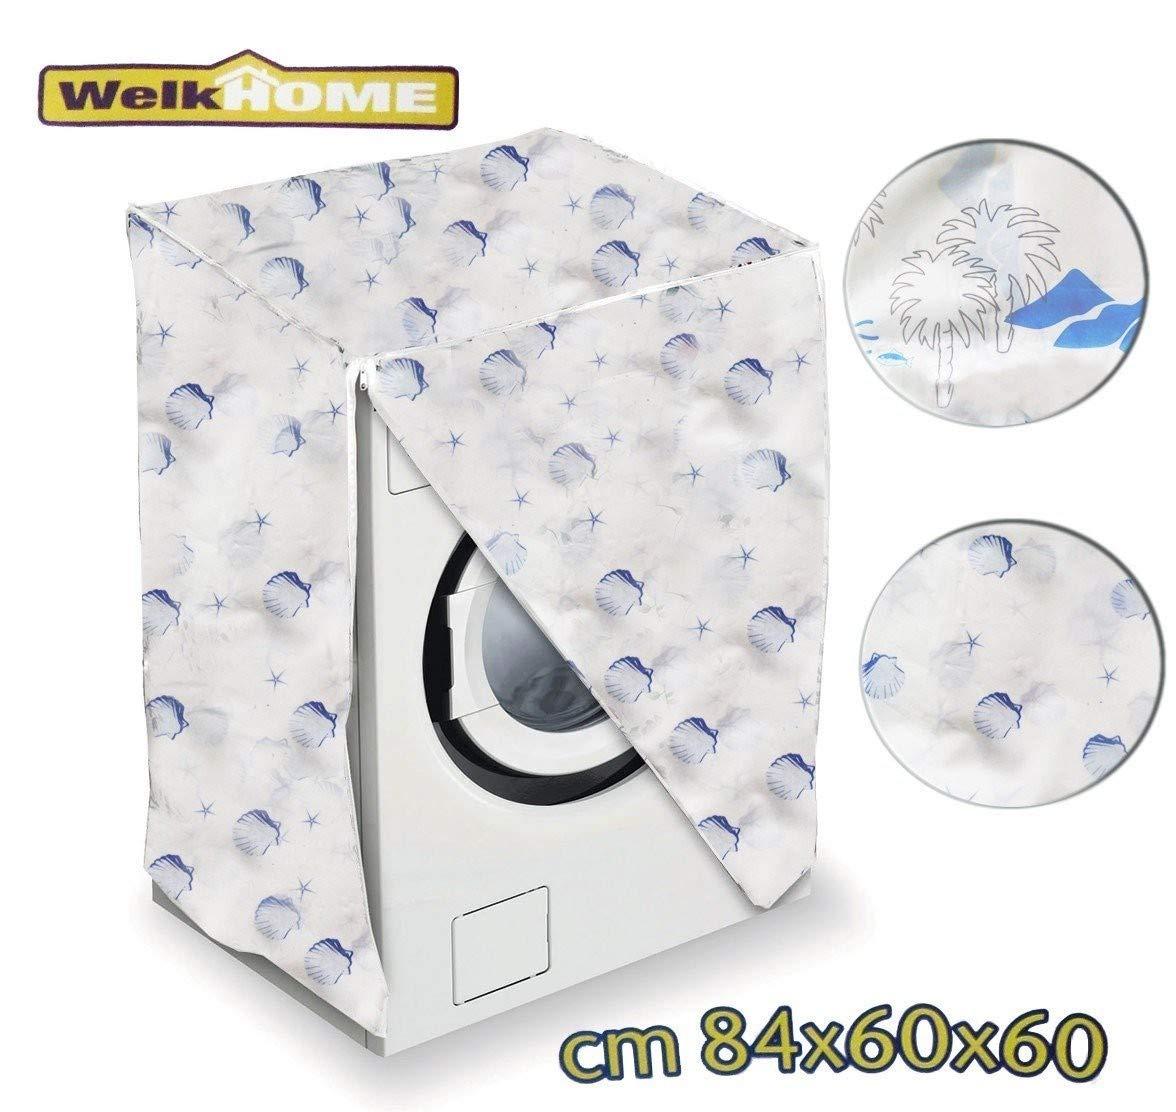 PALMERAS WELKHOME mws1334//2 Funda cubierta protectora de pl/ástico anti-manchas para la lavadora medida universal 80 x 60 x 60 cm